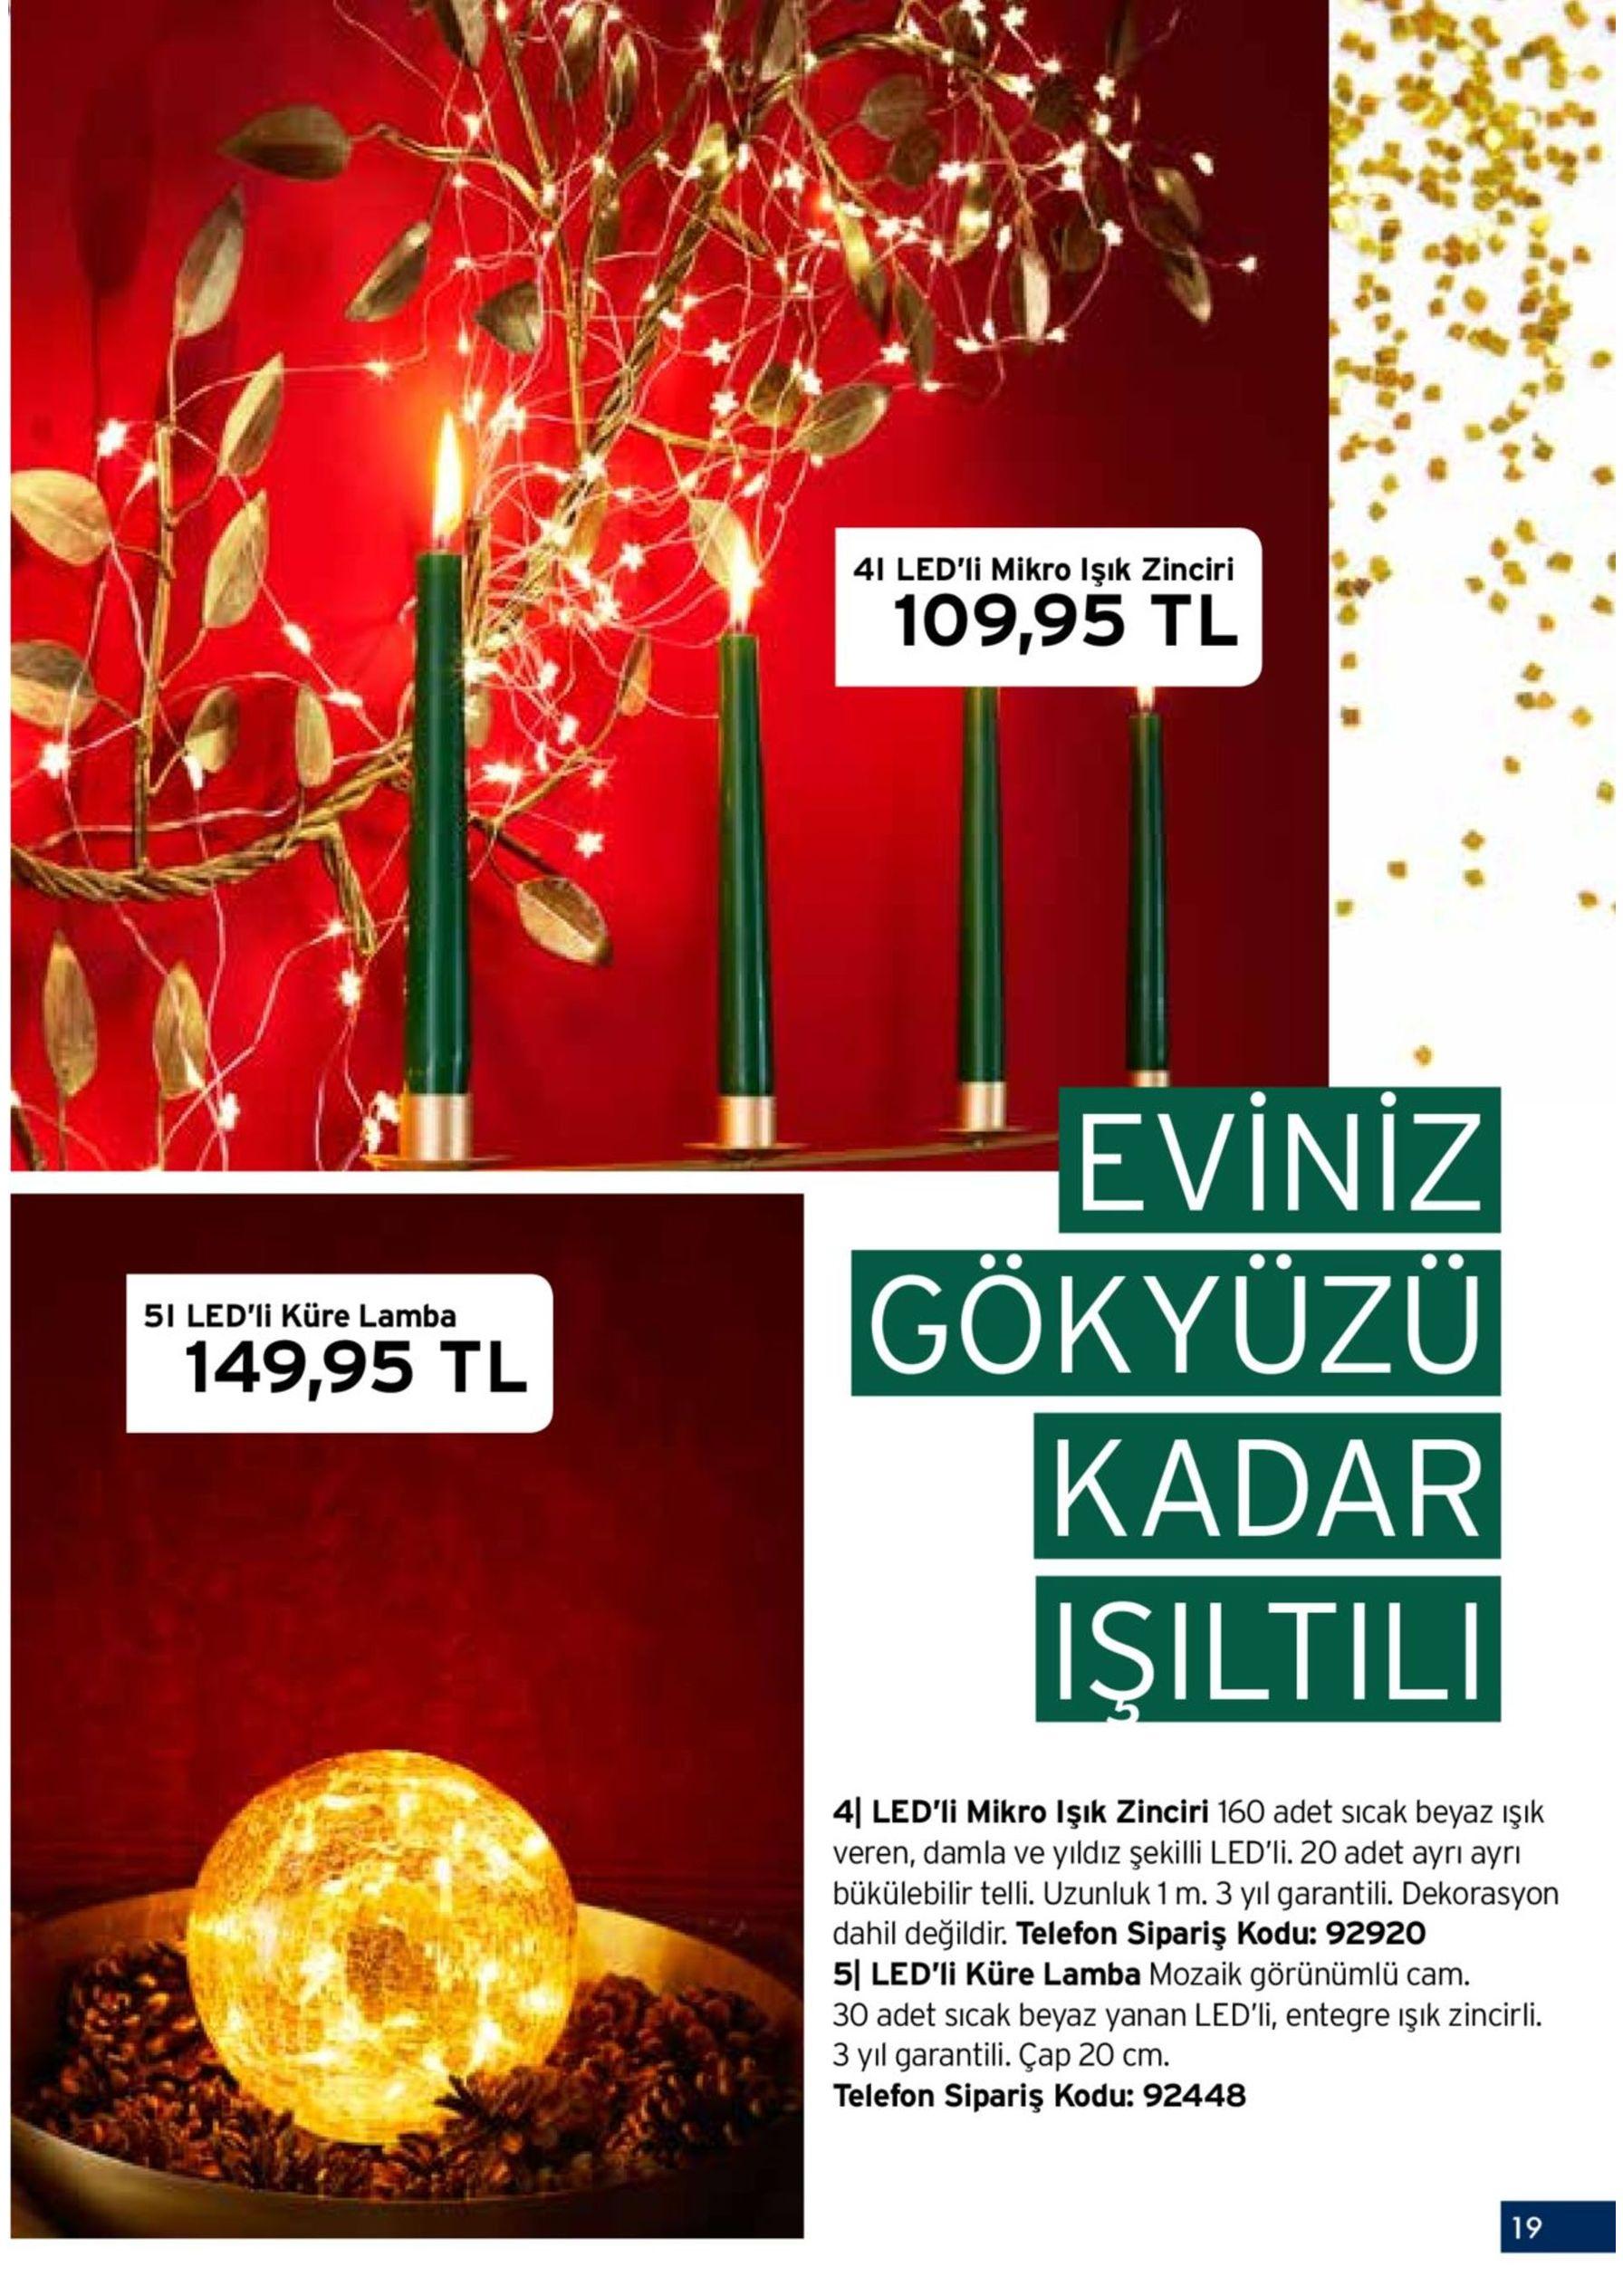 paril tili kutlama günleri 1i duvar rafı 349,95 tl 4i led'li mikro işık zinciri 109,95 tl www.tch'de.com.tr satılmaktadır eviniz 2i dekoratif kâse 5i led'li küre lamba 149,95 tl gökyüzü 249,95 tl kadar sadece www.tchi'decom.tr satılmaktadır işil tili veren, damla ve yıldız şekilli led'li. 20 adet ayrı ayrı bükülebilir telli. uzunluk 1 m. 3 yıl garantili. dekorasyon dahil değildir. telefon sipariş kodu: 92920 30 adet sıcak beyaz yanan led'li, entegre ışık zincirli. dekorasyon dahil değildir. telefon sipariş kodu: 92827dern tasarımlı. 42x60x15 cm. 3 yıl garantili. çap 20 cm. 2| dekoratif kâse kaliteli, matlaştırılmış altın görünümde. alüminyumdan. çap 45 cm. dekorasyon dahilodu: 92448 değildir.telefon sipariş kodu: 92697 18 19